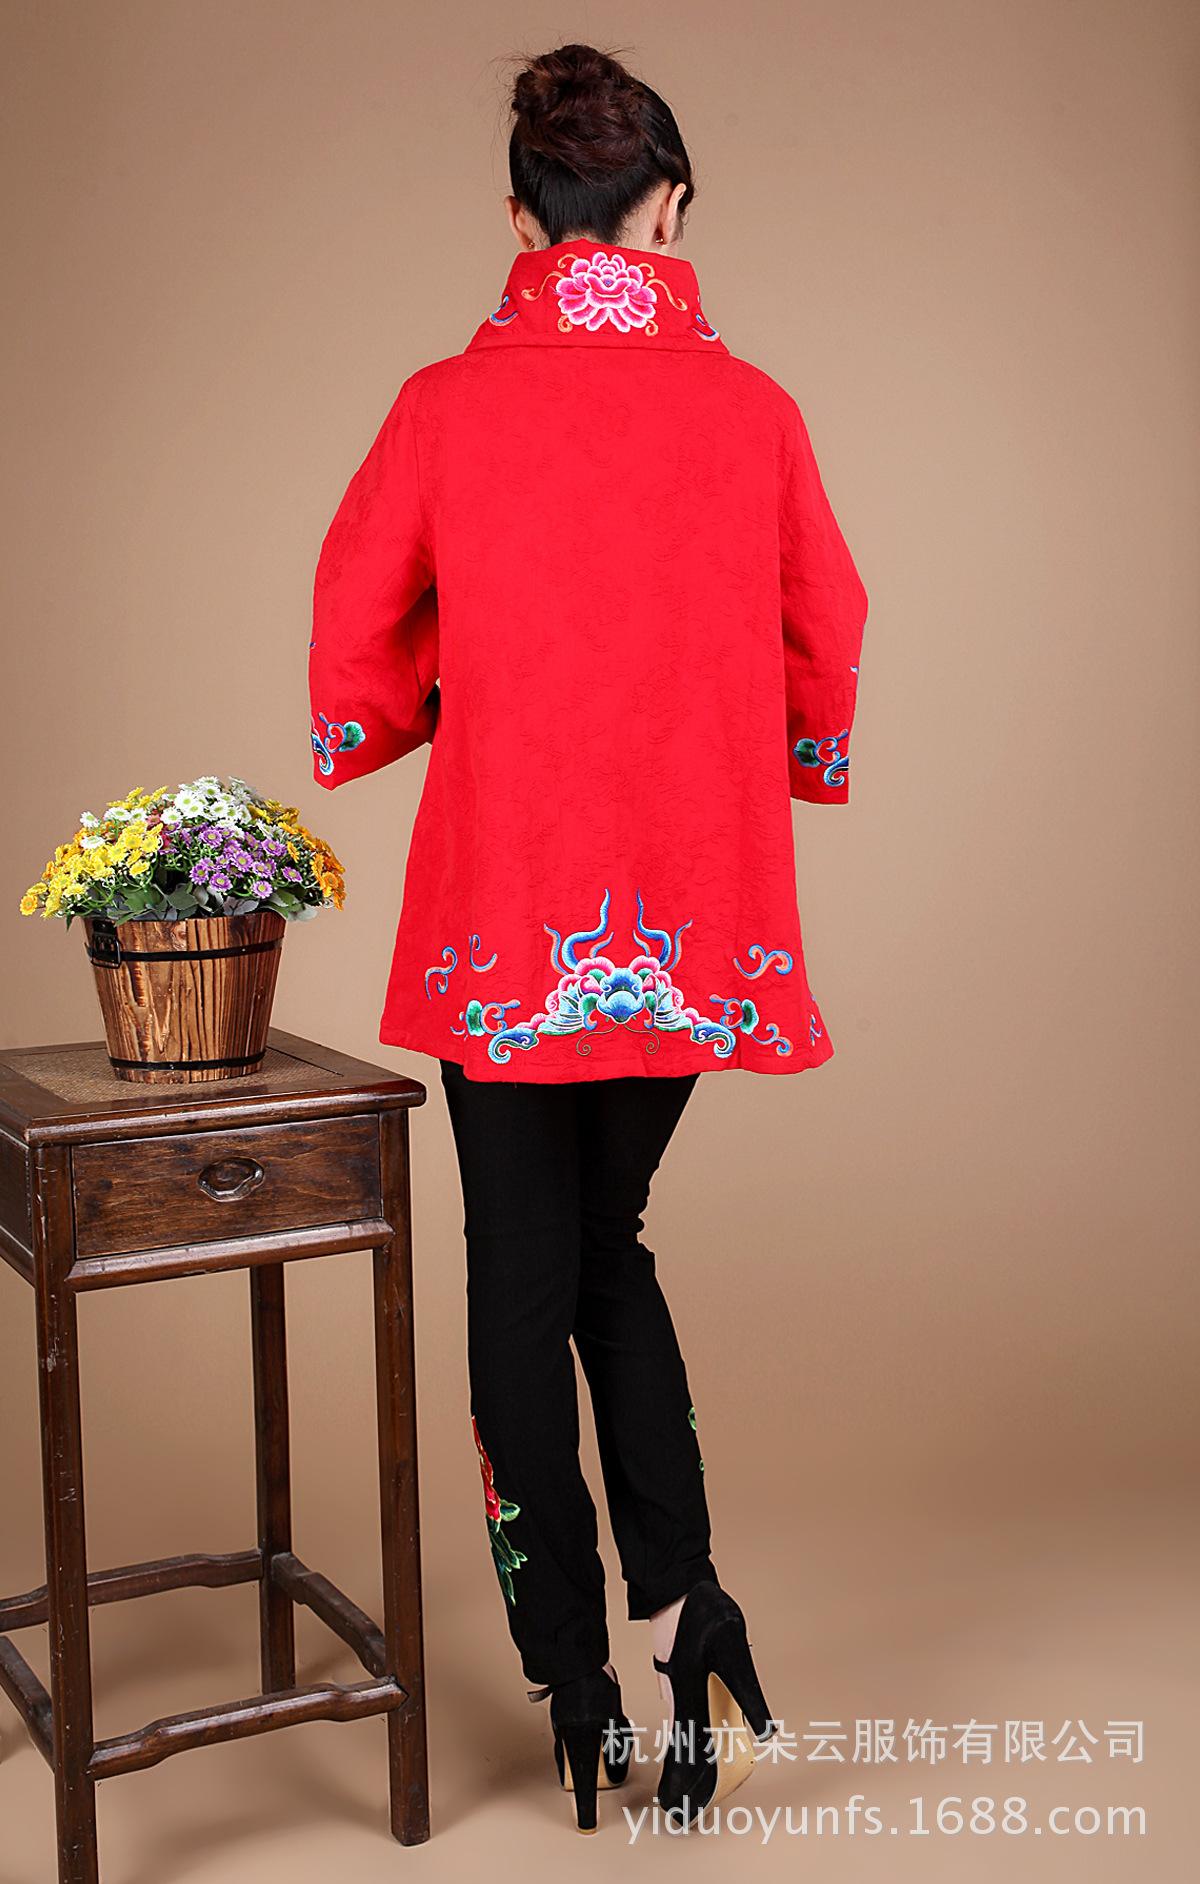 秋装新款复古民族风绣花大码外套七分袖刺绣中长款唐装绣花外套女 -